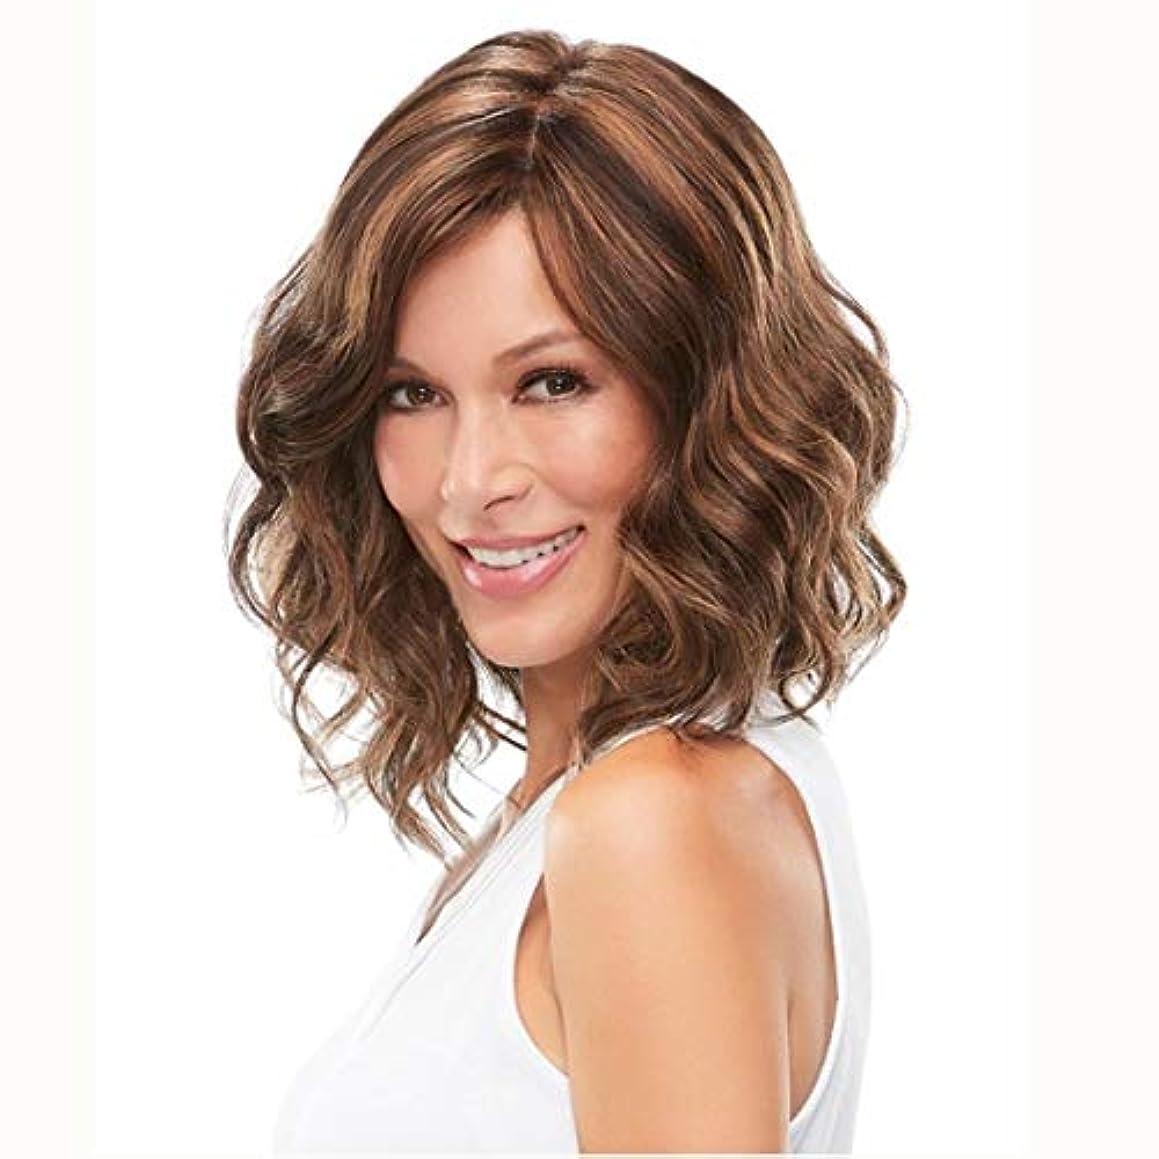 信念不一致素晴らしいSummerys 短い巻き毛のふわふわのかつら女性の女の子のための短い波状の合成かつら